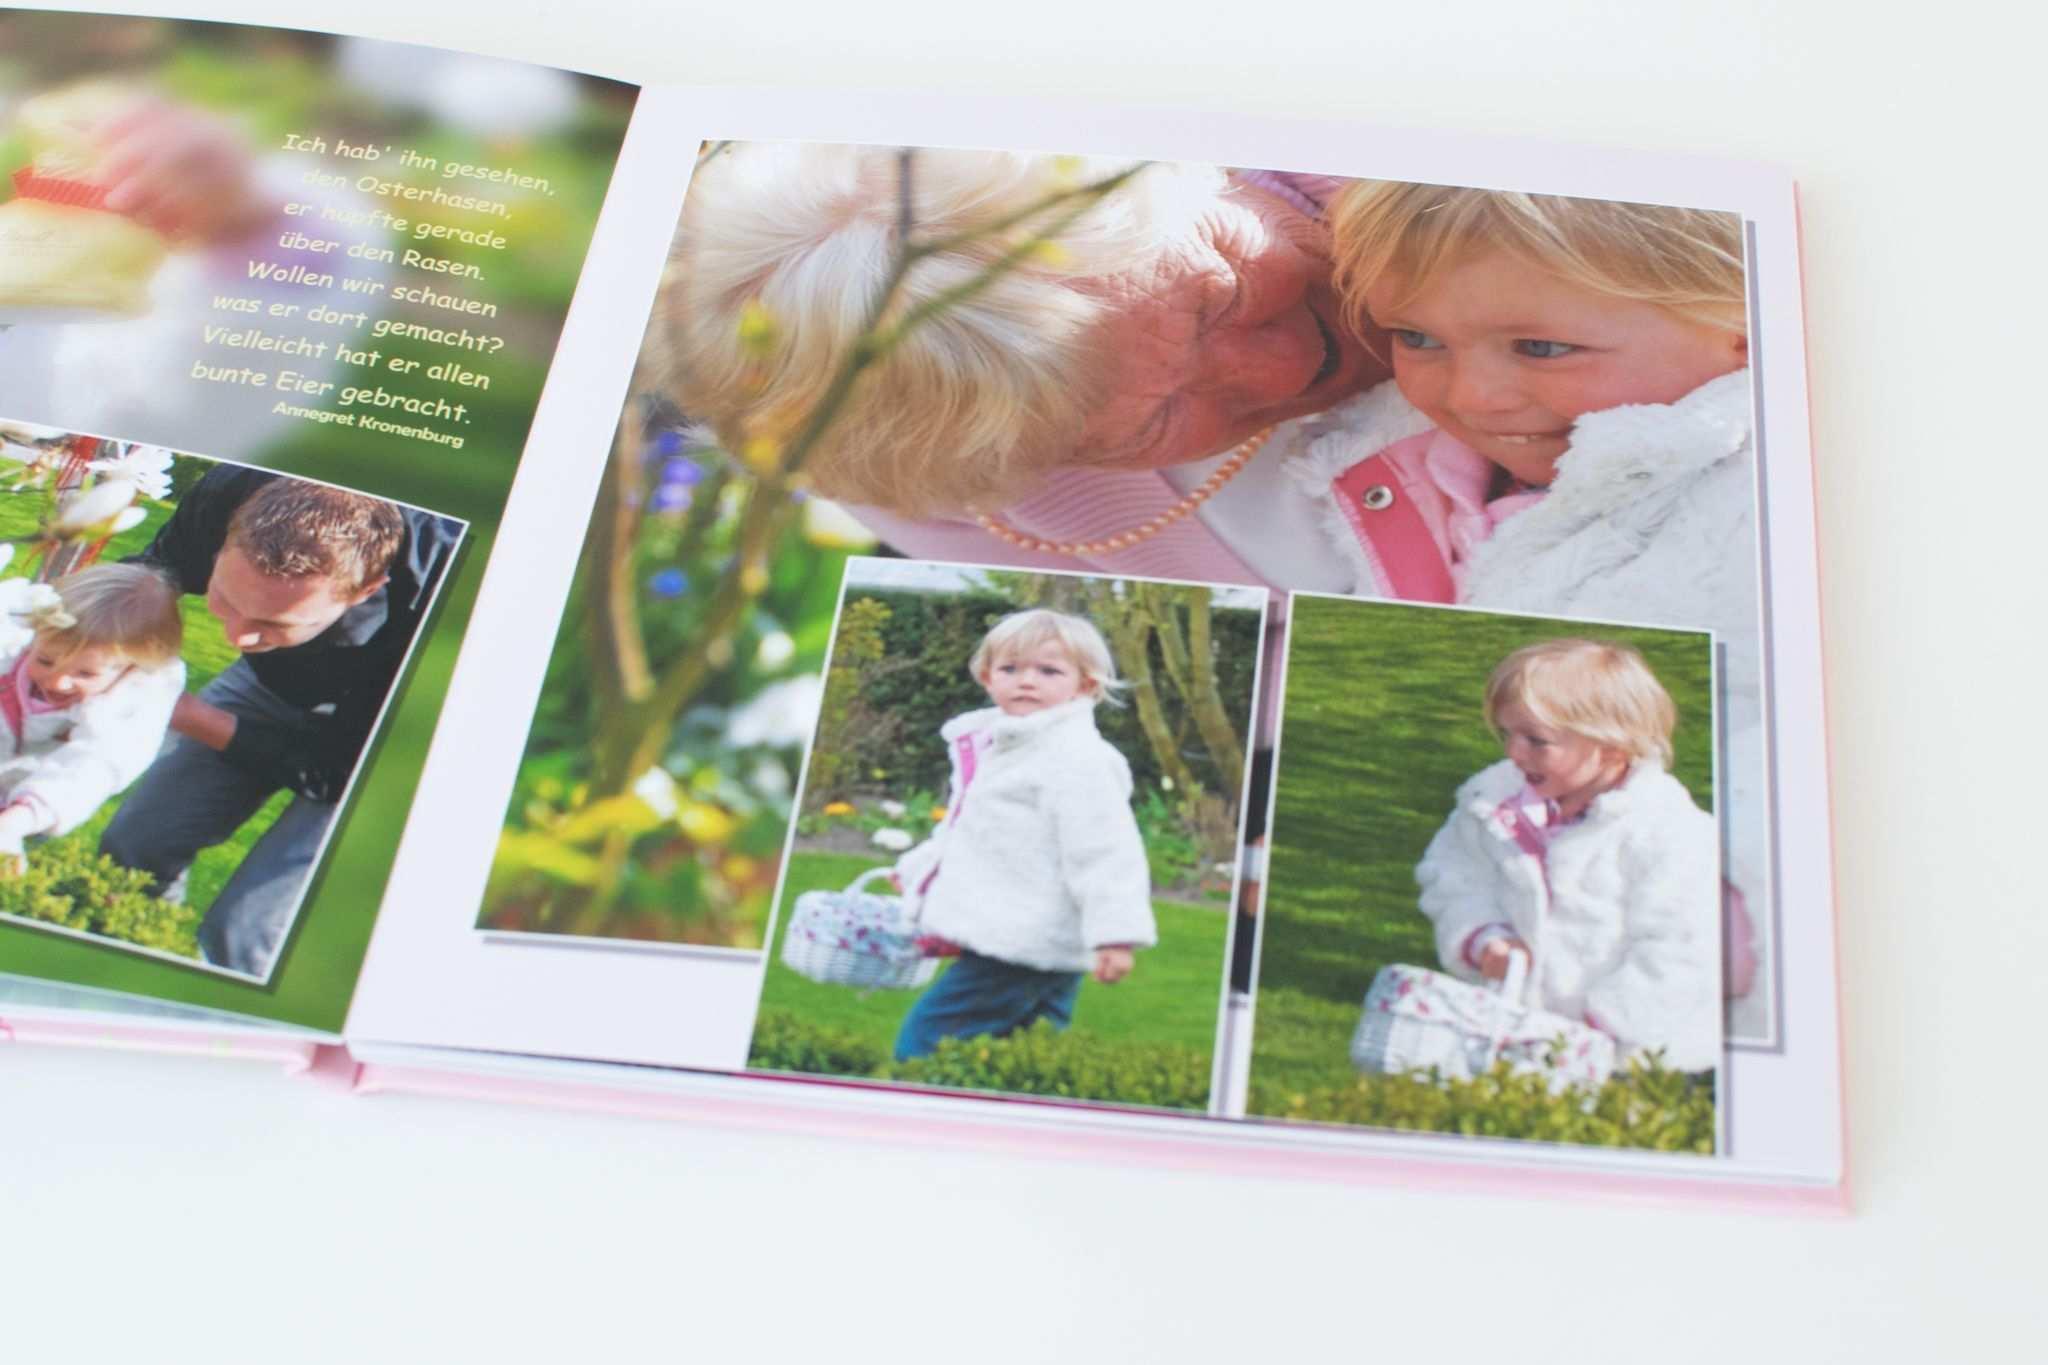 Auch Im Quadratischen Cewe Fotobuch 21x21cm Findet Sich Viel Platz Fur Ihre Fotos Und Gestaltungsideen Fotobuch Fotobuch Gestalten Fotos